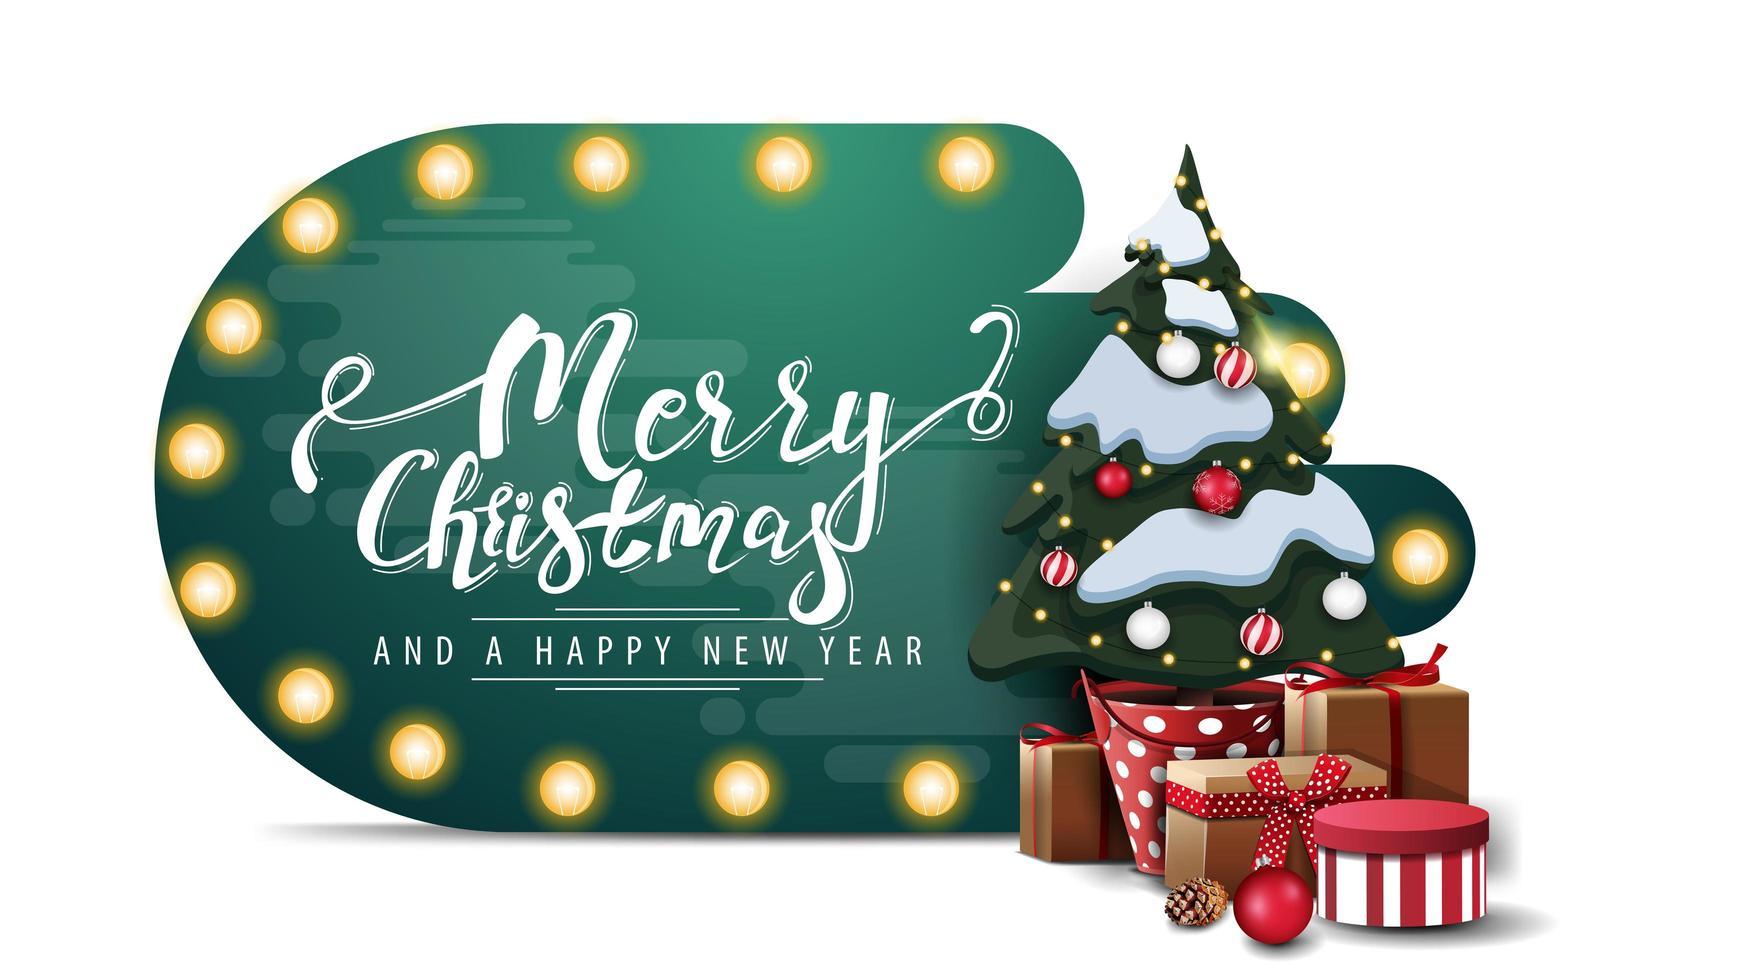 prettige kerstdagen en gelukkig Nieuwjaar, groene abstracte vorm kaart met lamp lichten en kerstboom in een pot met geschenken geïsoleerd op een witte achtergrond vector